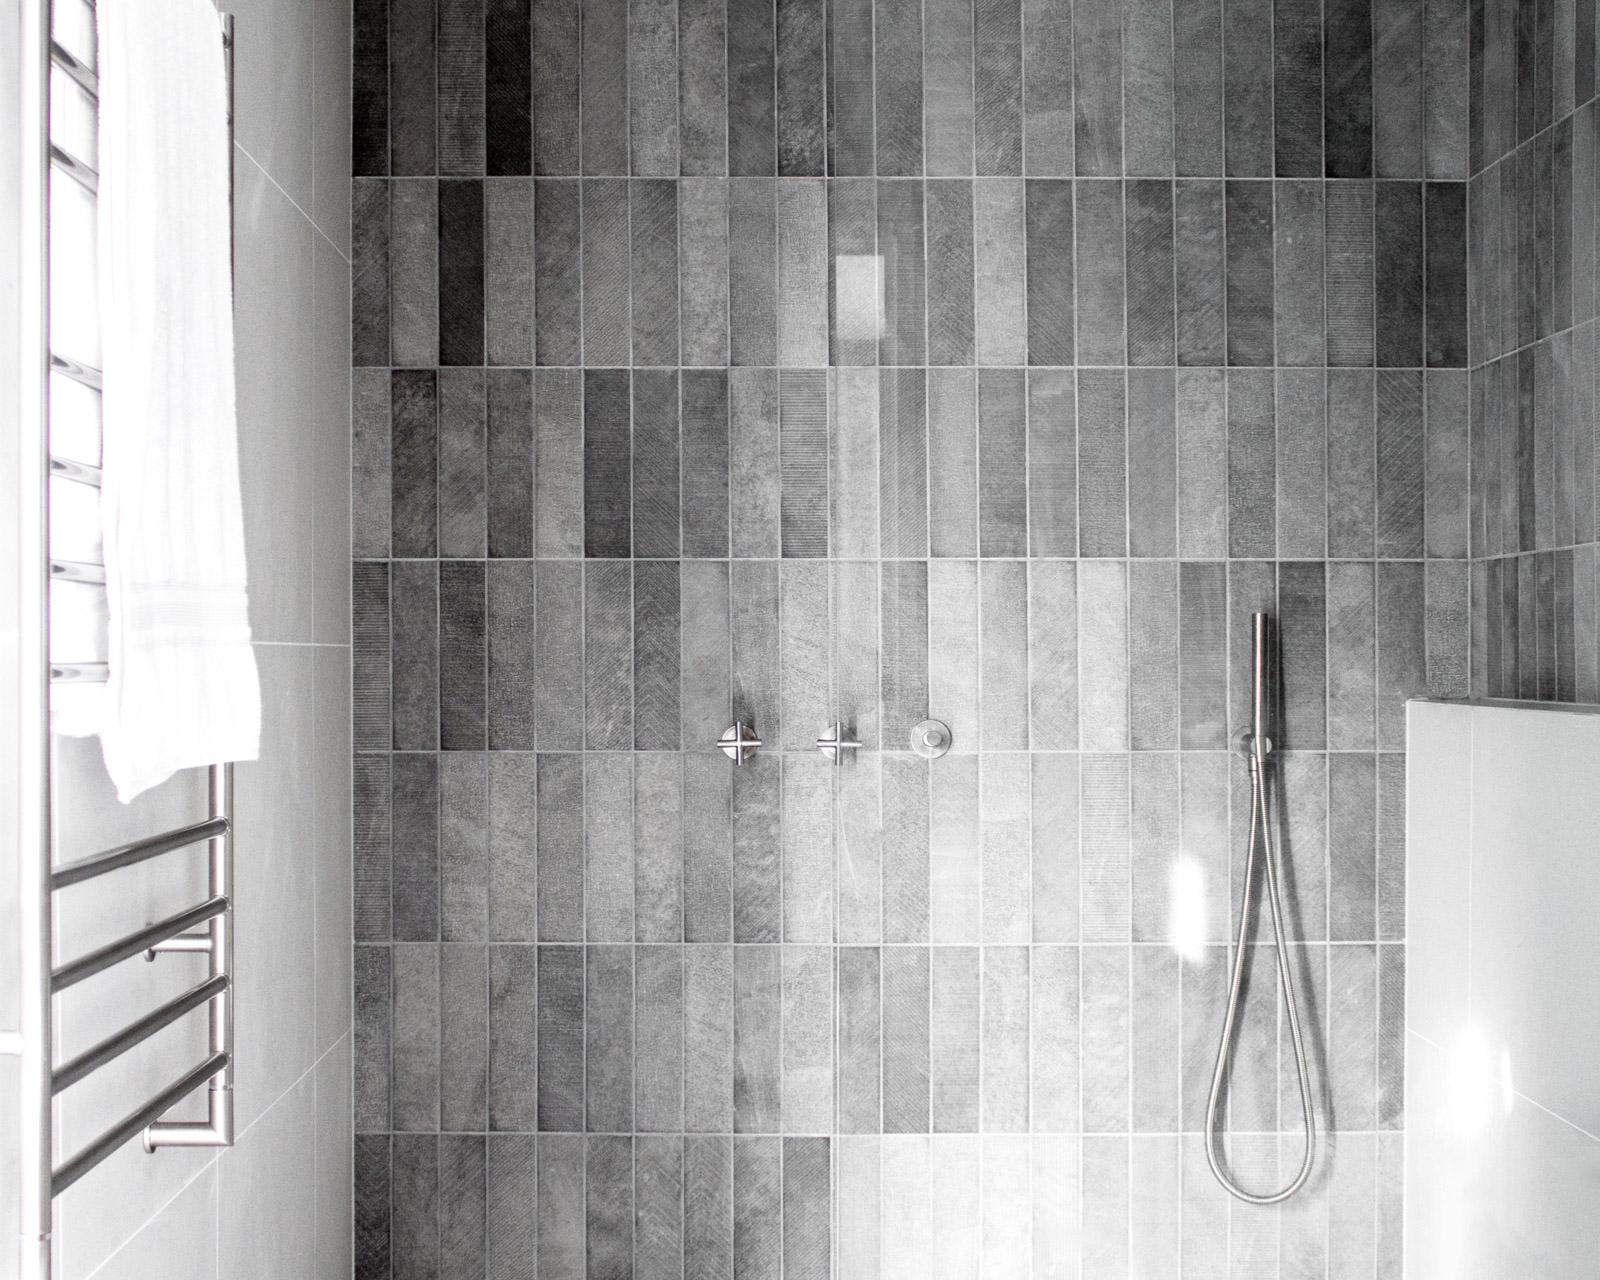 MM_Curtin_Bathroom_5